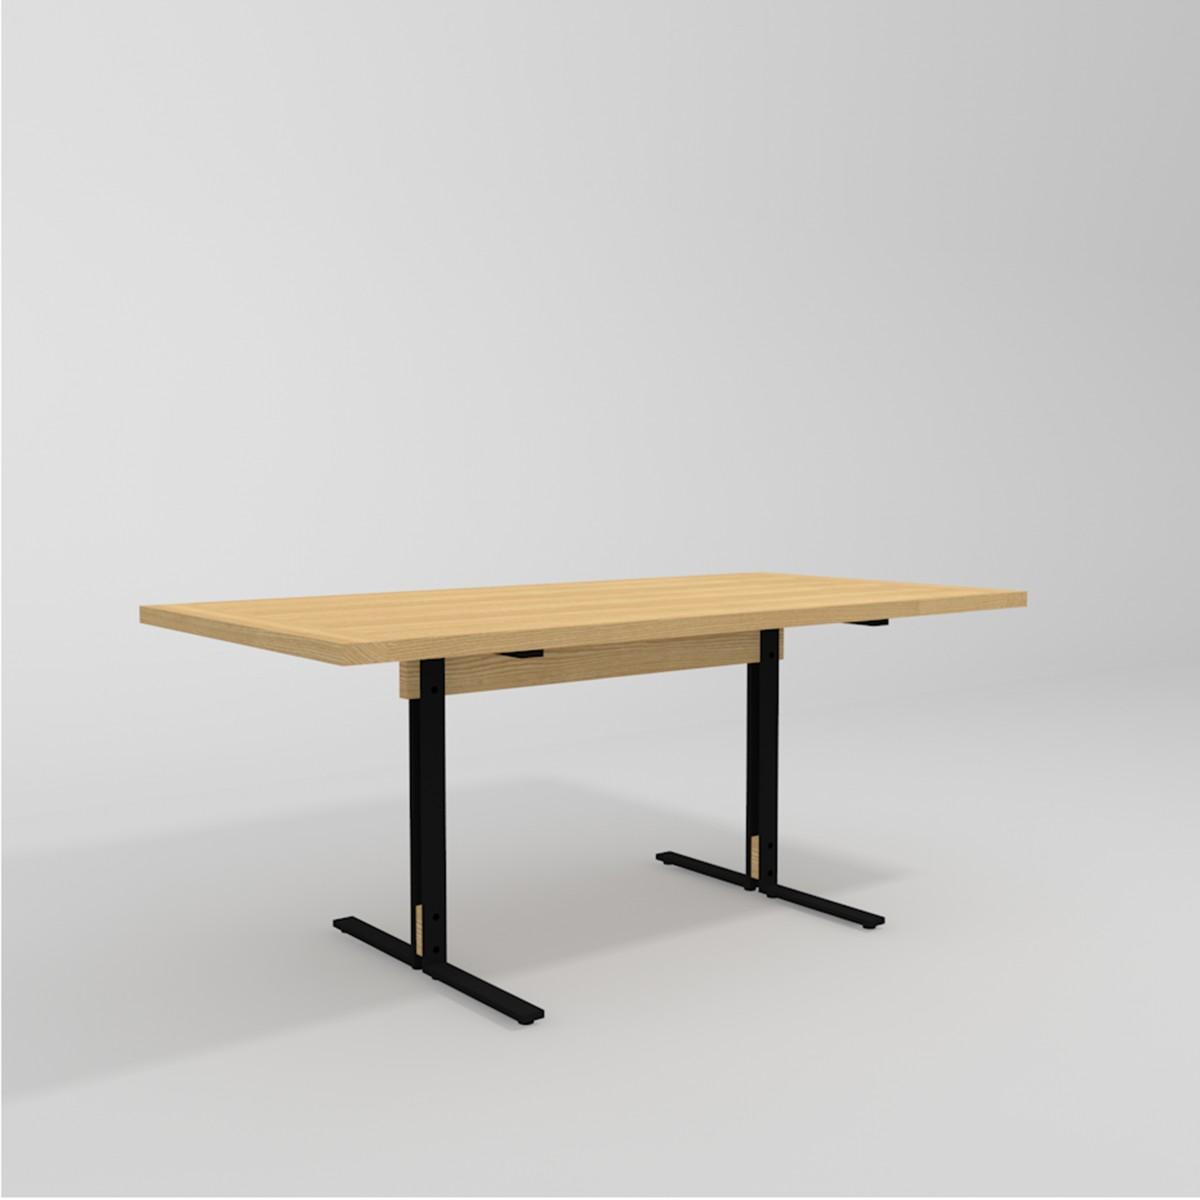 merlin tisch mit platte aus esche 90 x 180 cm. Black Bedroom Furniture Sets. Home Design Ideas